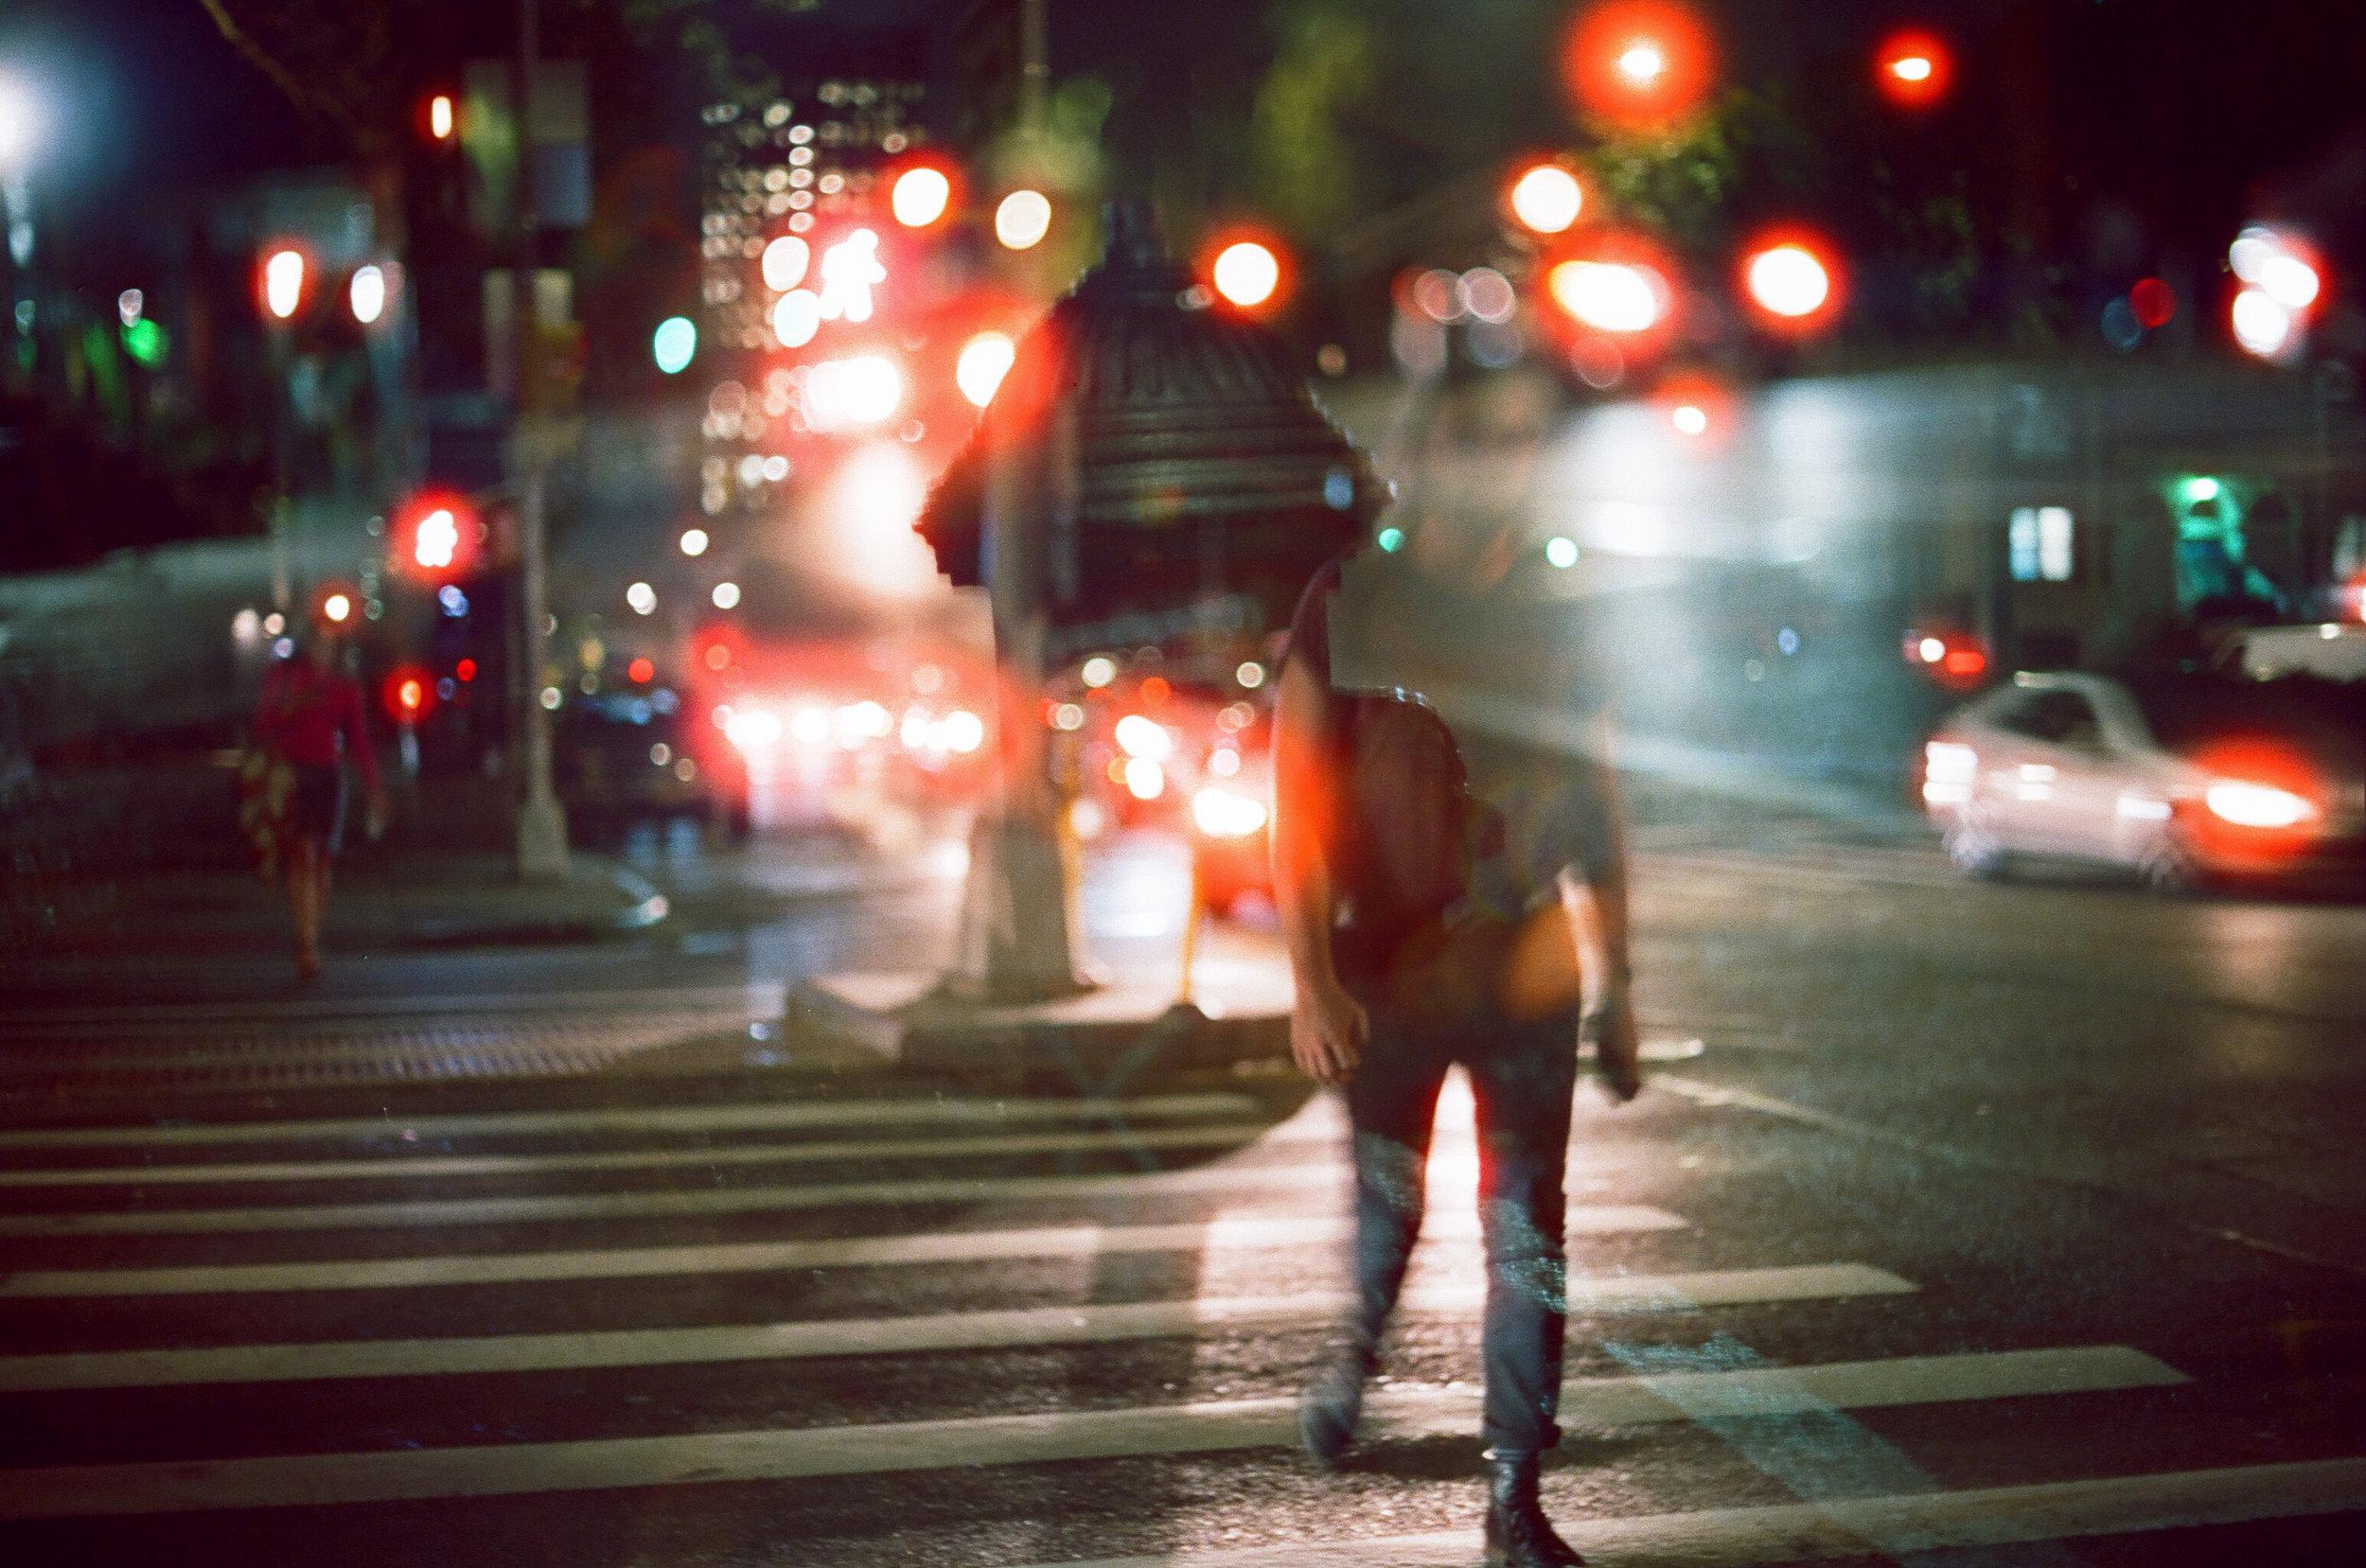 Cinestill - Fomapan - Rollei CR200-44.jpg